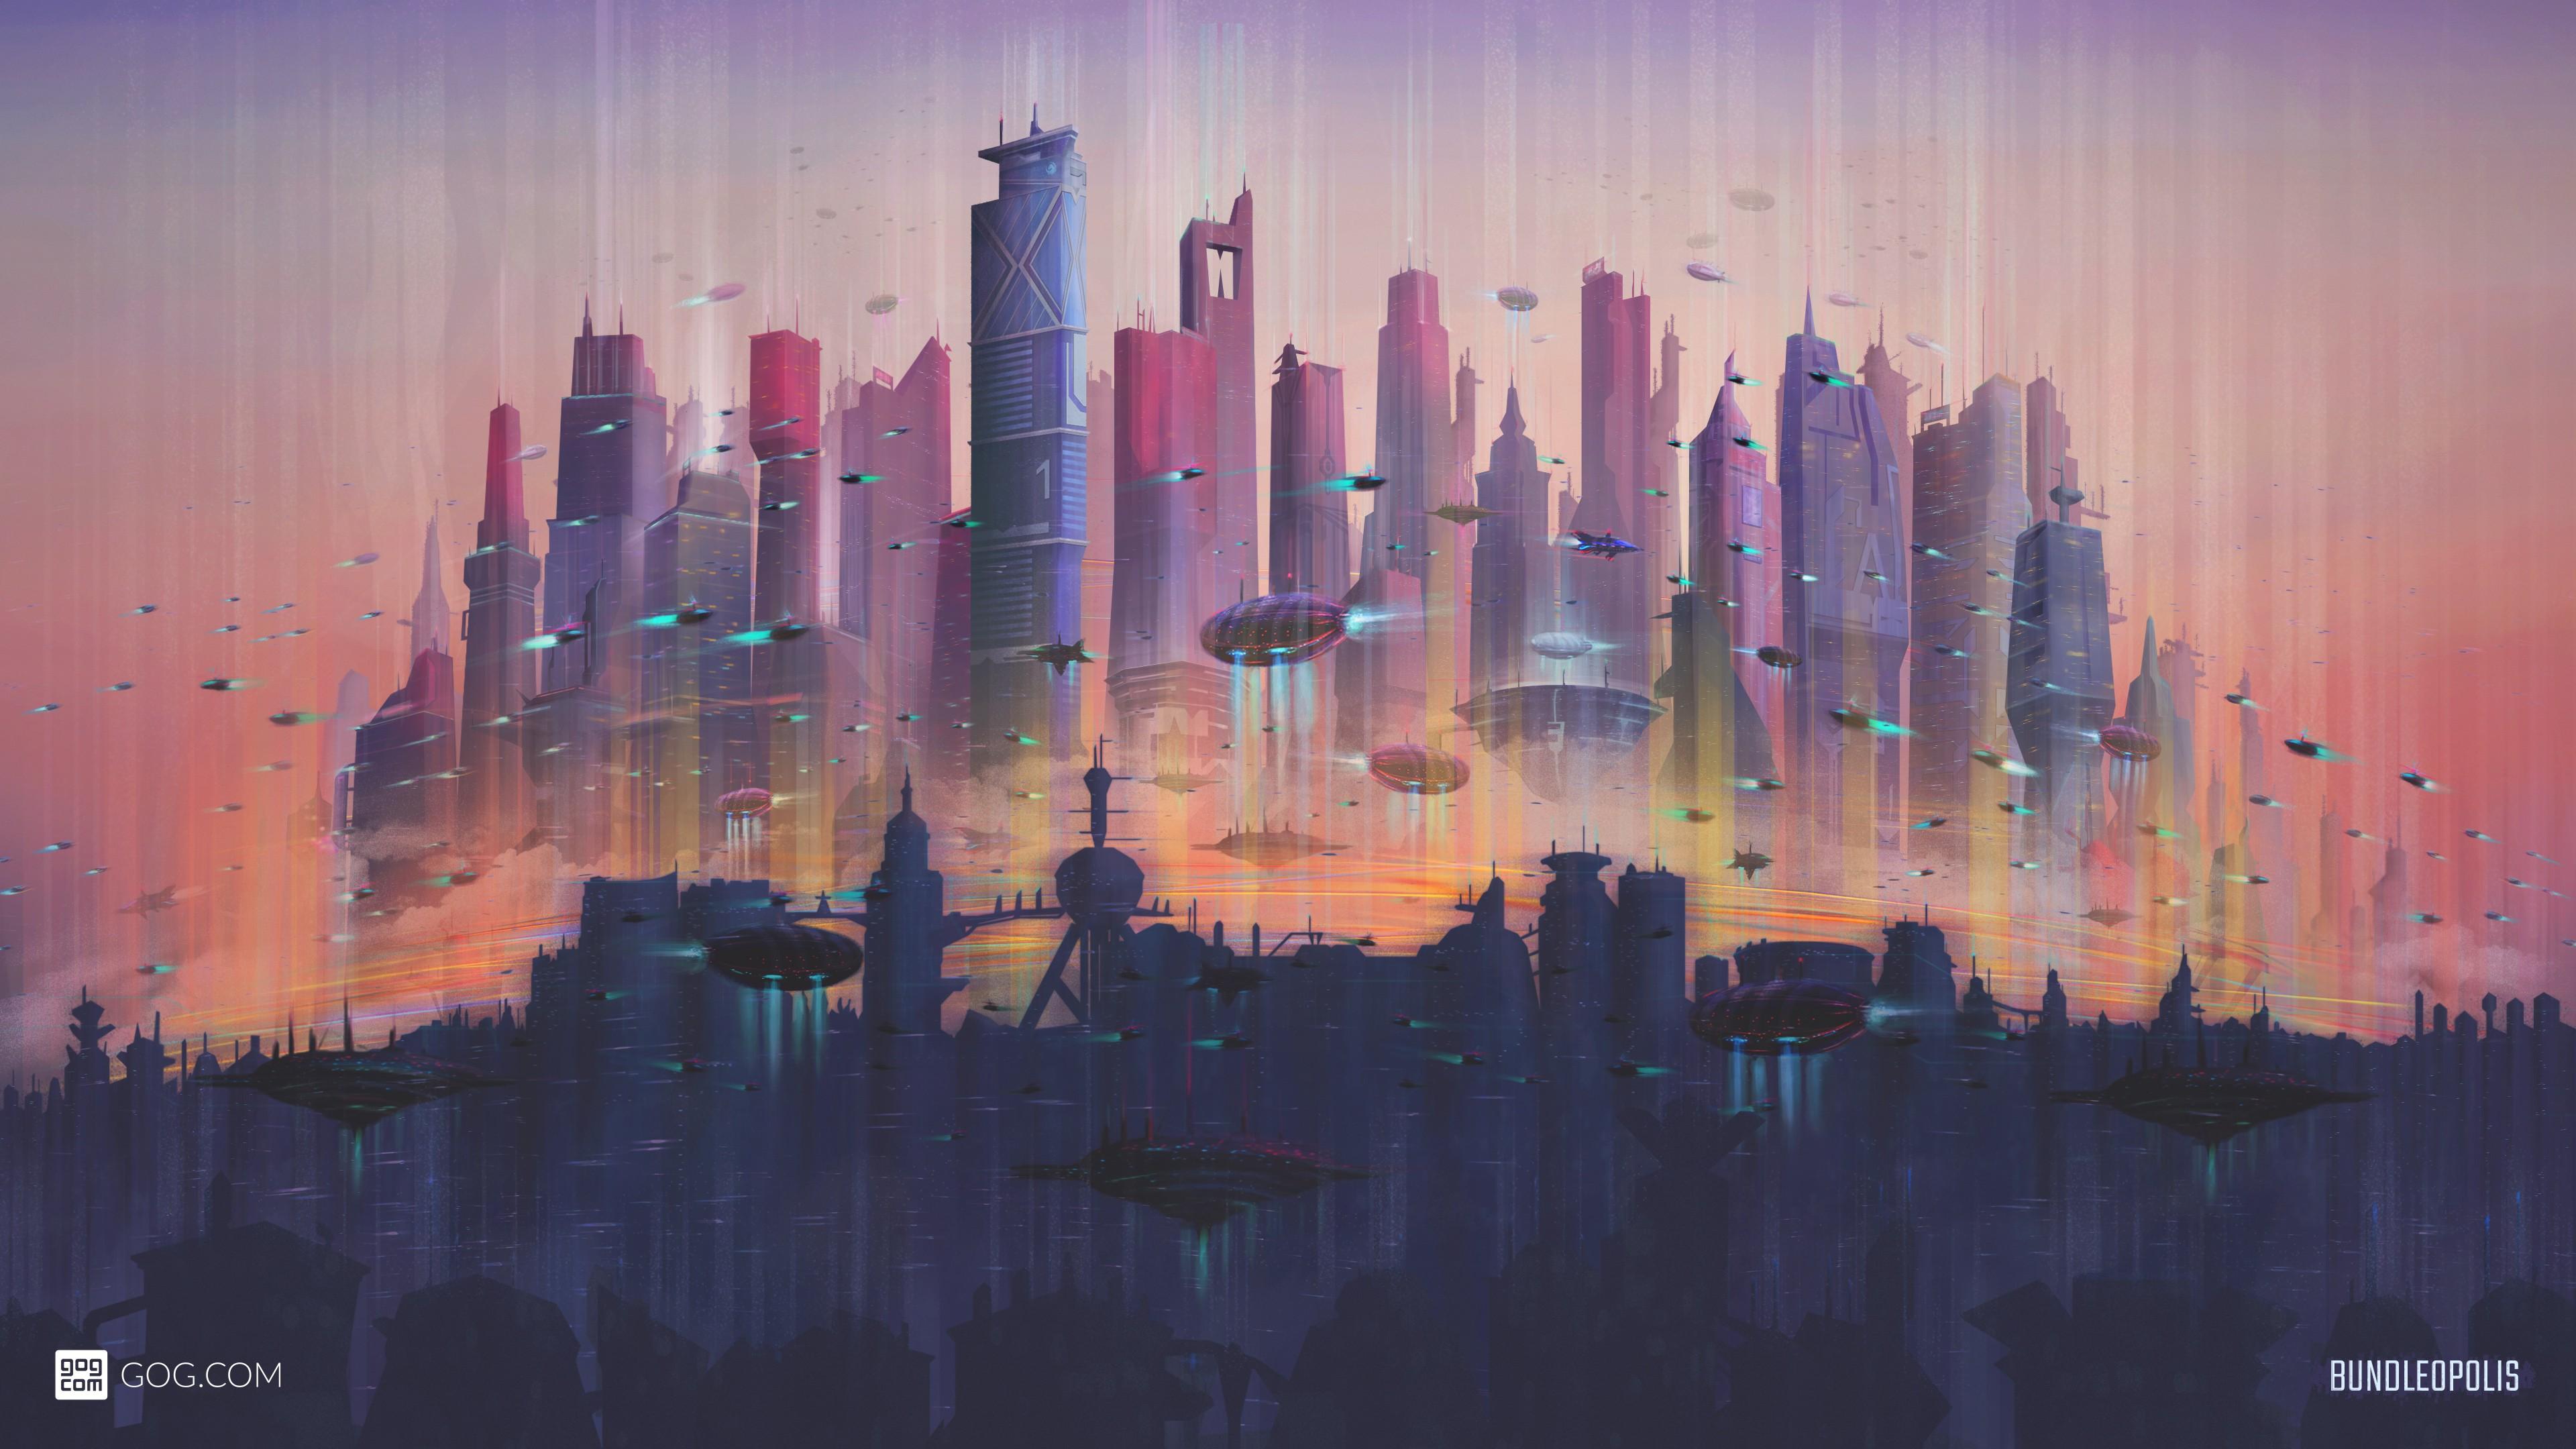 Будущее город. обои скачать